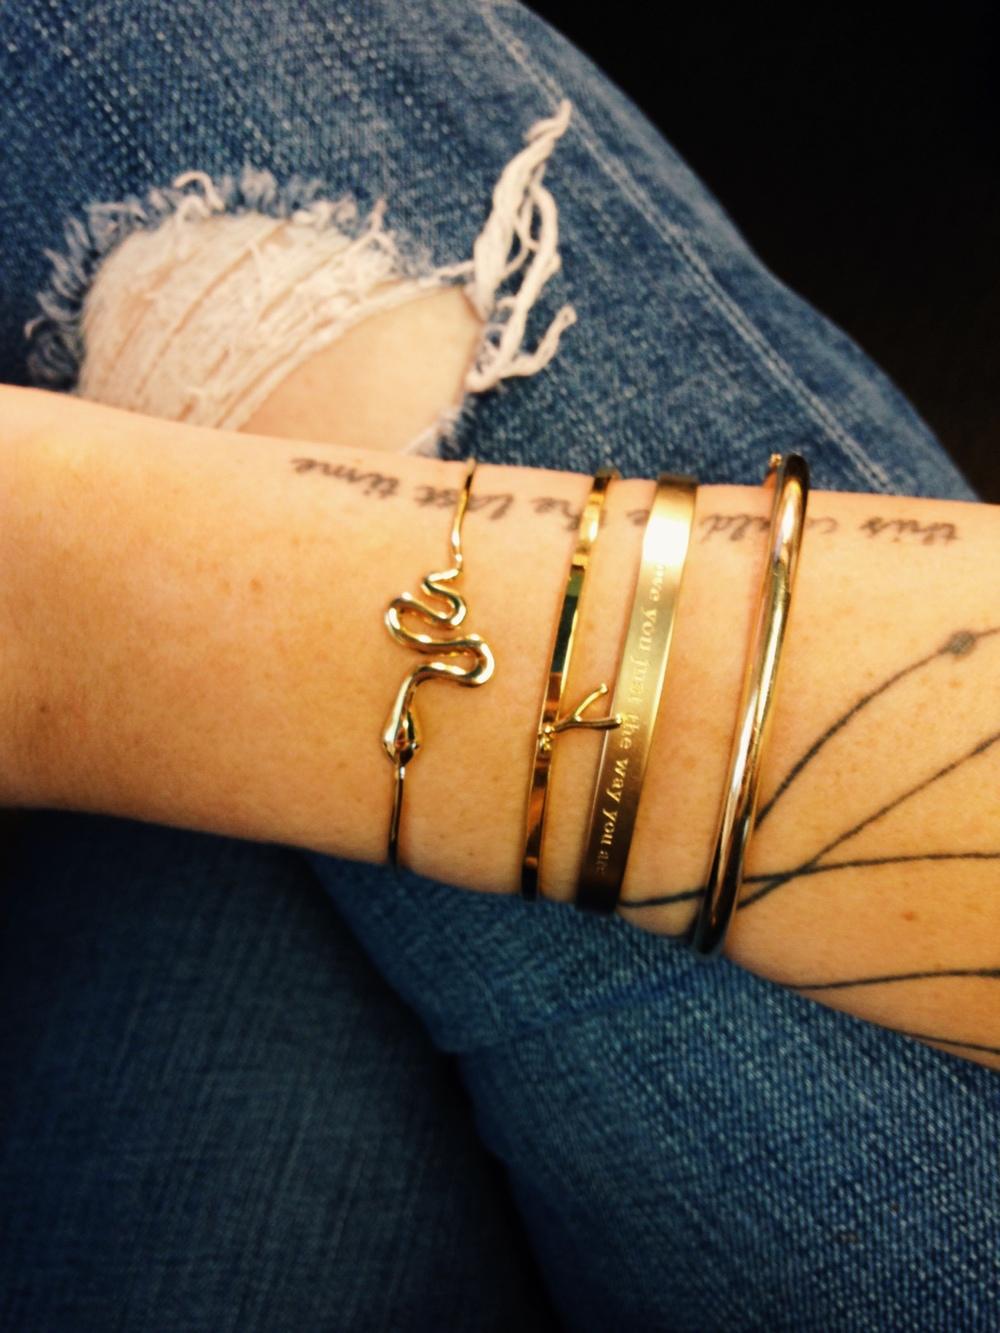 Right_Bracelets.JPG